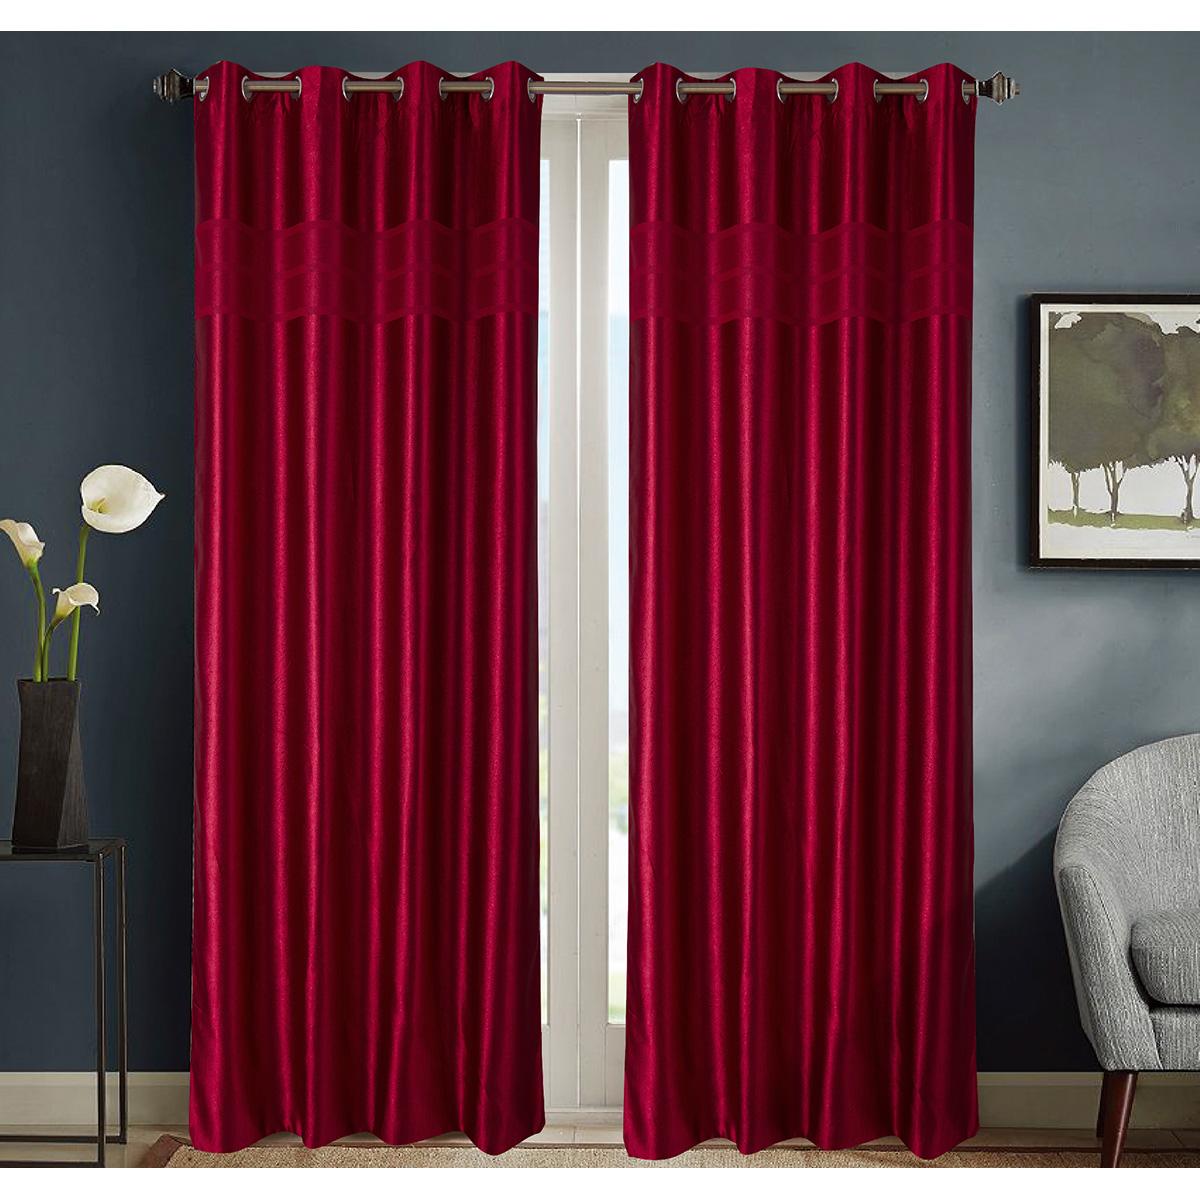 Paire de rideaux occultants style marbre - Rouge - 140 x 260 cm